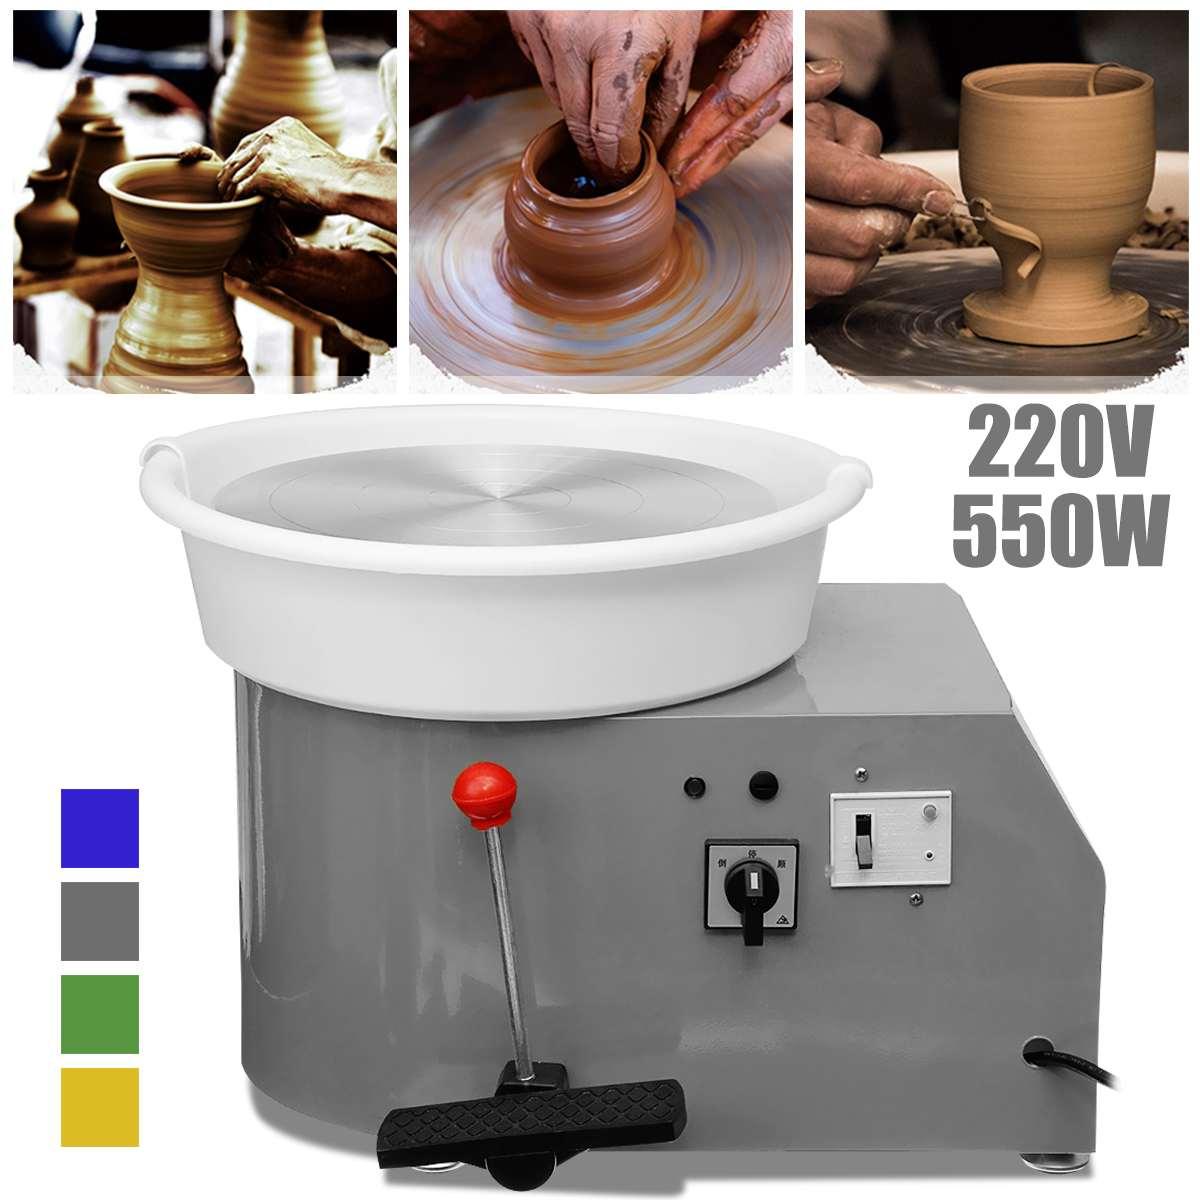 Machine en céramique de roue de poterie électrique tournante 220 V 550 W 30 cm Kit de potier d'argile en céramique pour la Machine d'apprentissage en céramique de travail en céramique